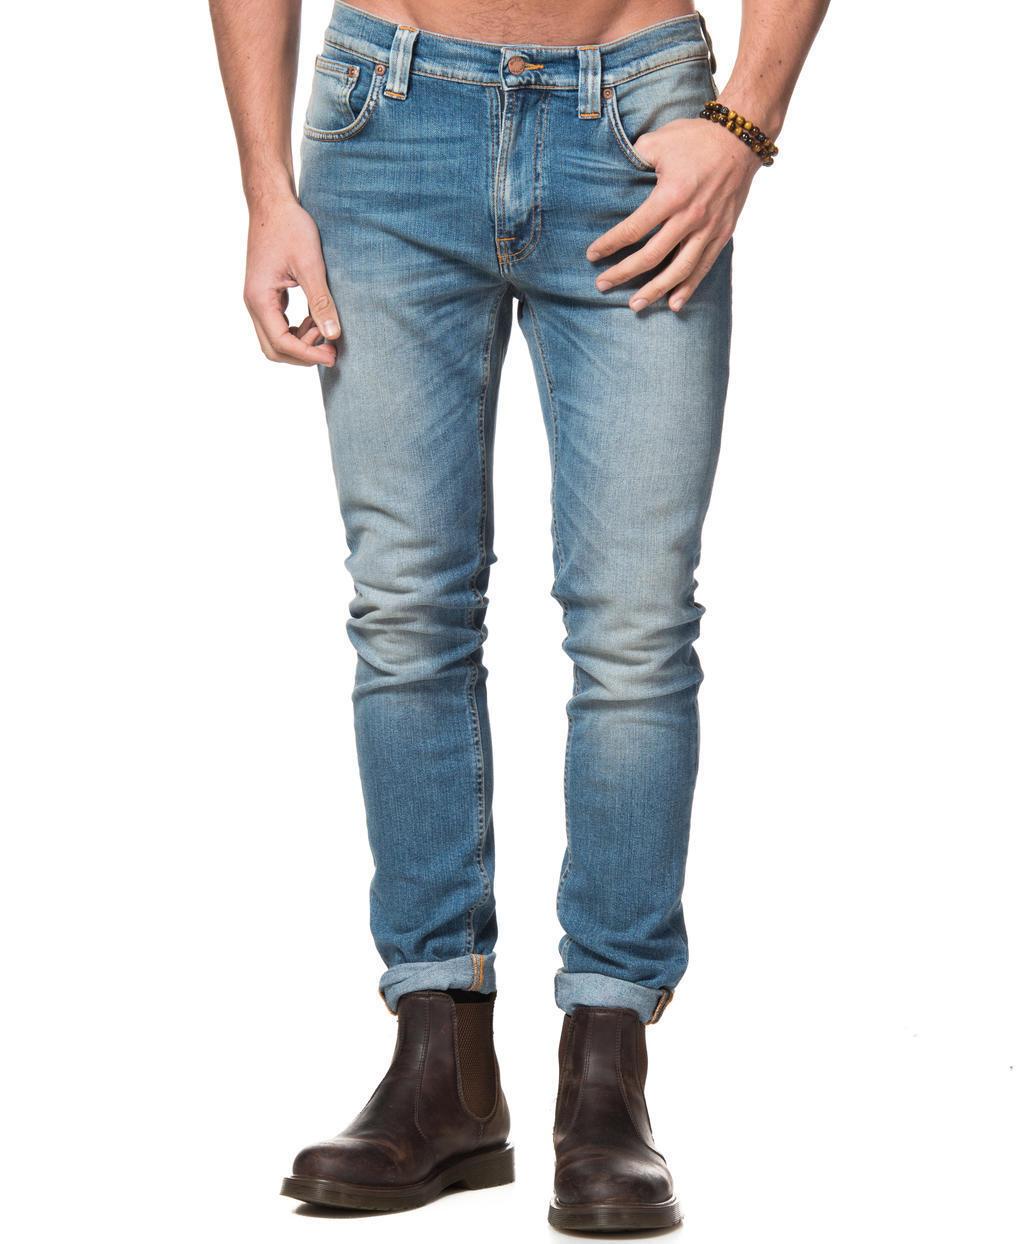 W30 L34 30 34 Nudie jeans Lean Dean Natural Fade slim tapered fit skinny bluee